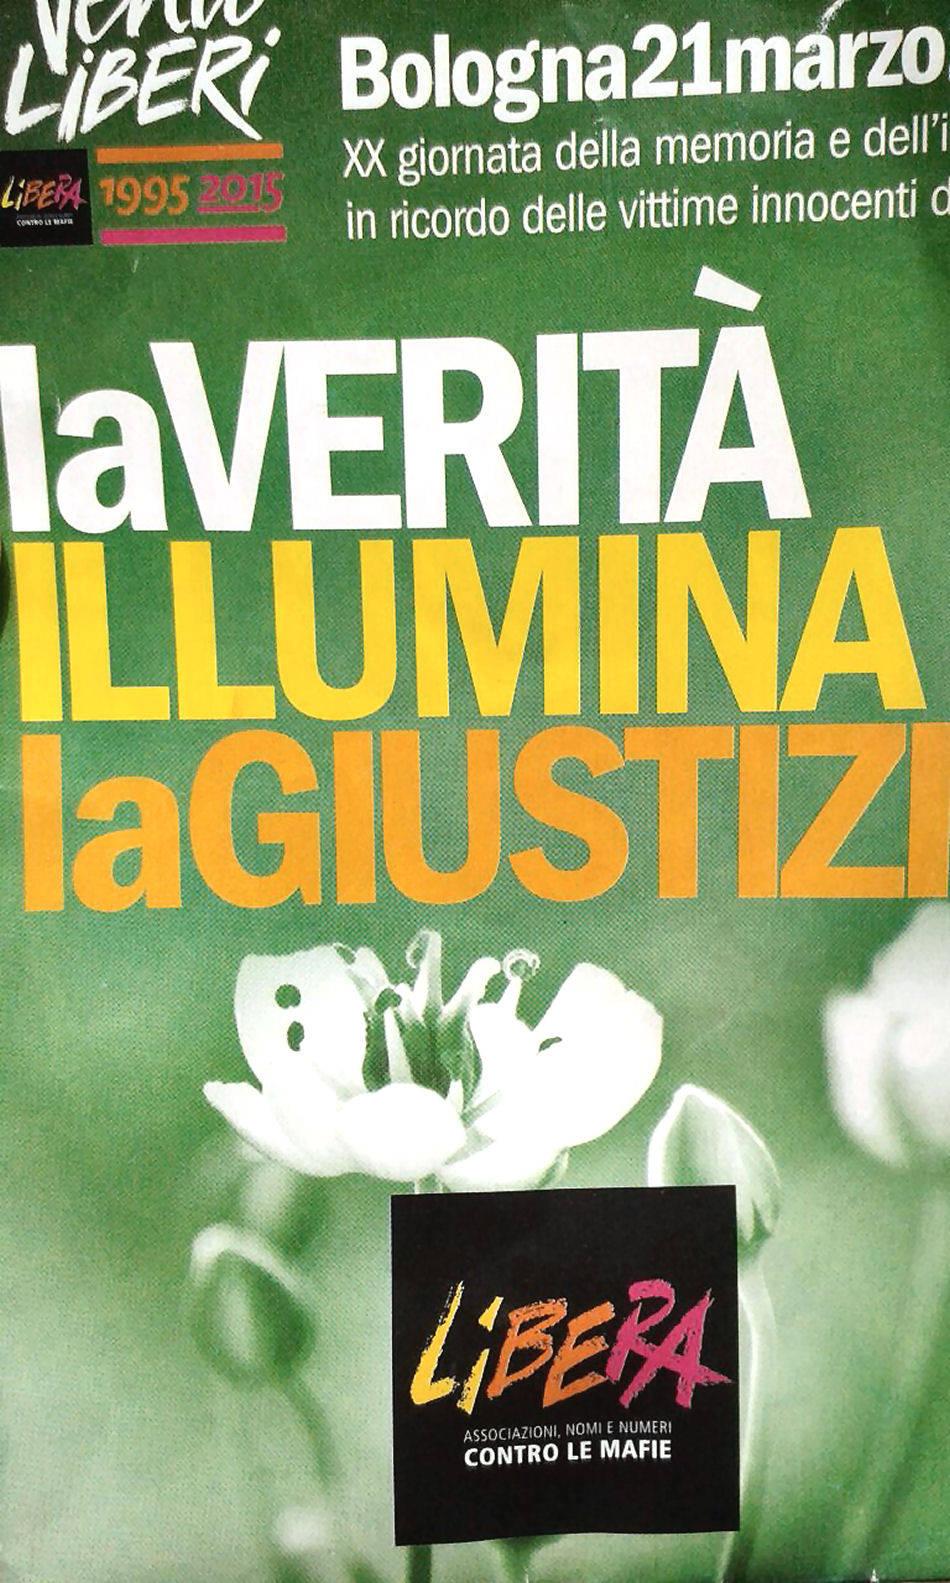 Betty Ambiveri di Presezzo a Bologna con Libera